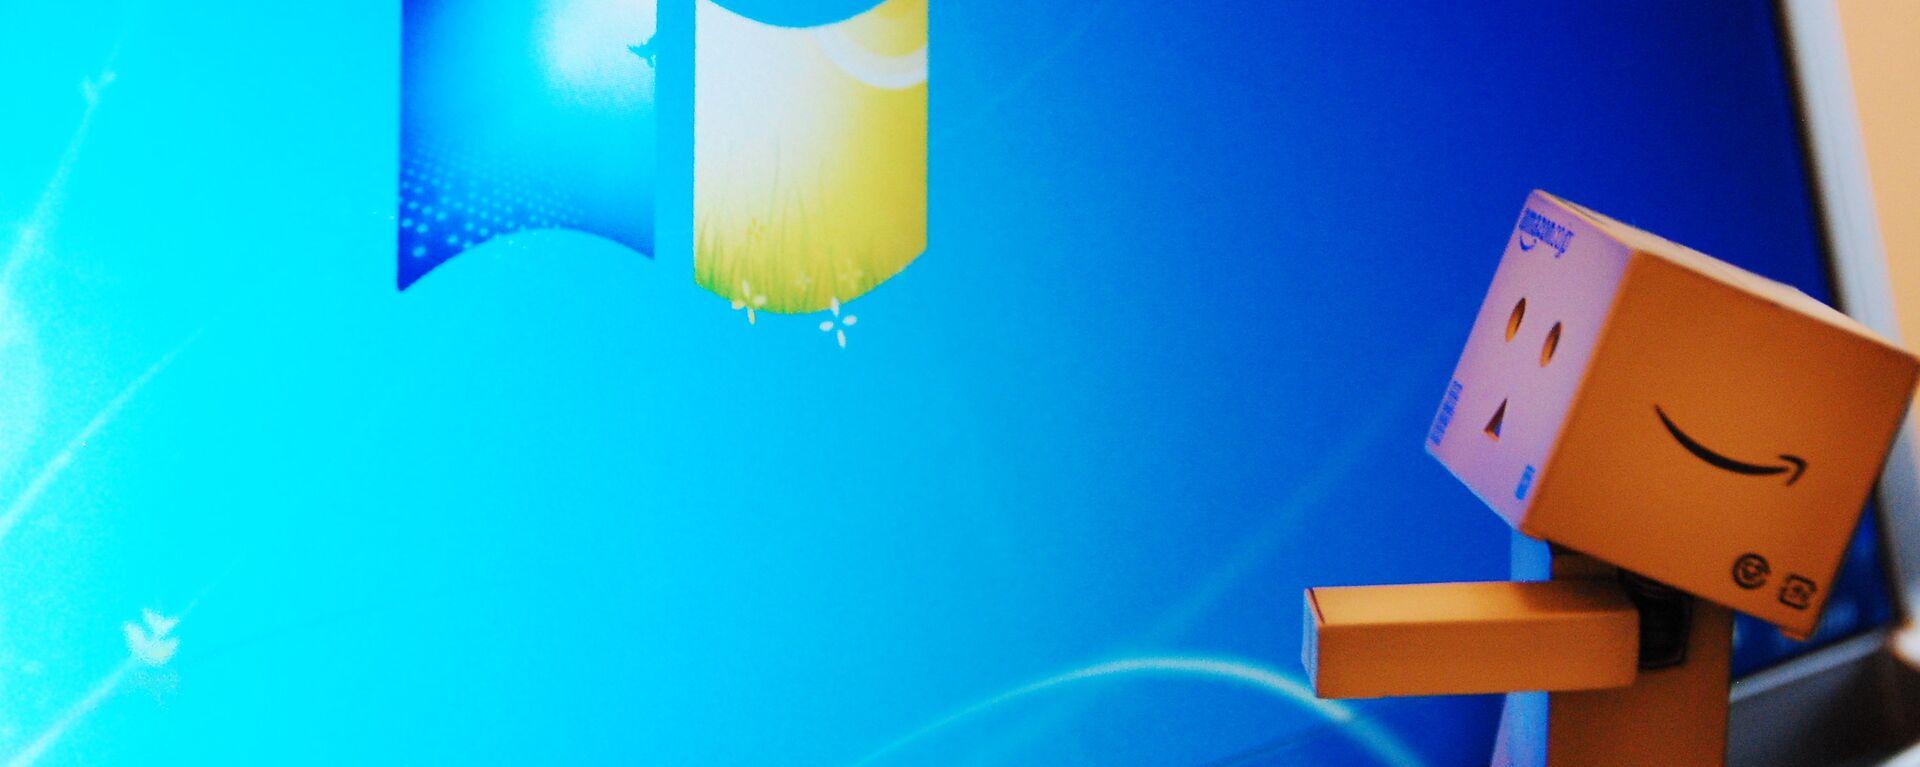 Interfaz de Windows 7 (imagen referencial) - Sputnik Mundo, 1920, 27.09.2020